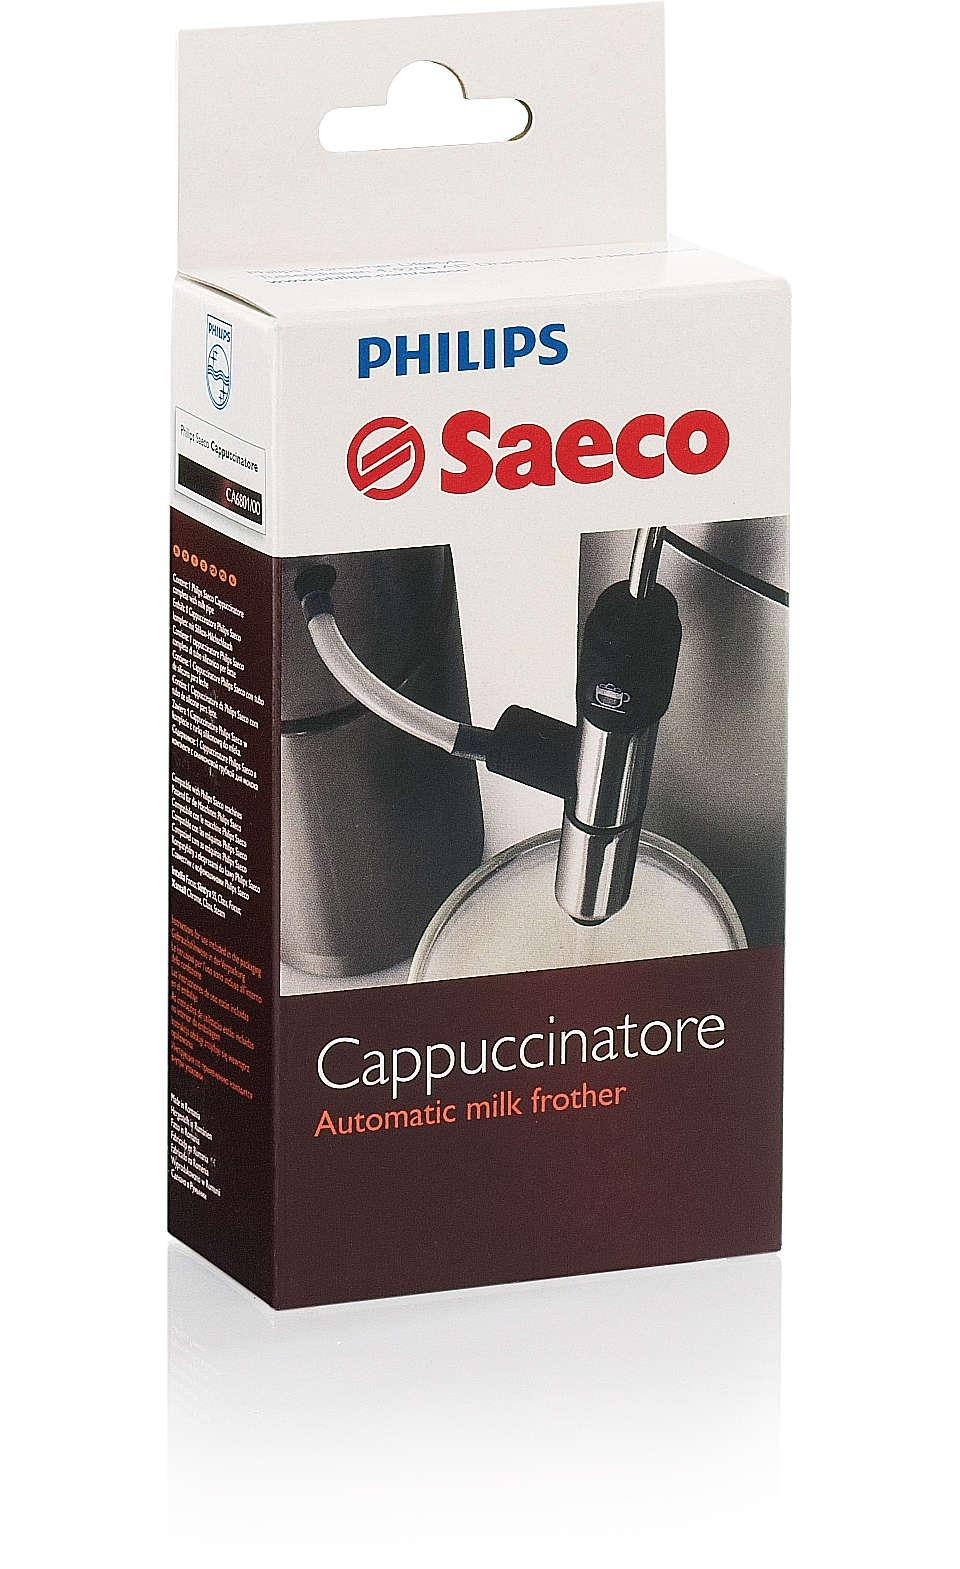 Originalni italijanski aparat za kapučino za Saeco